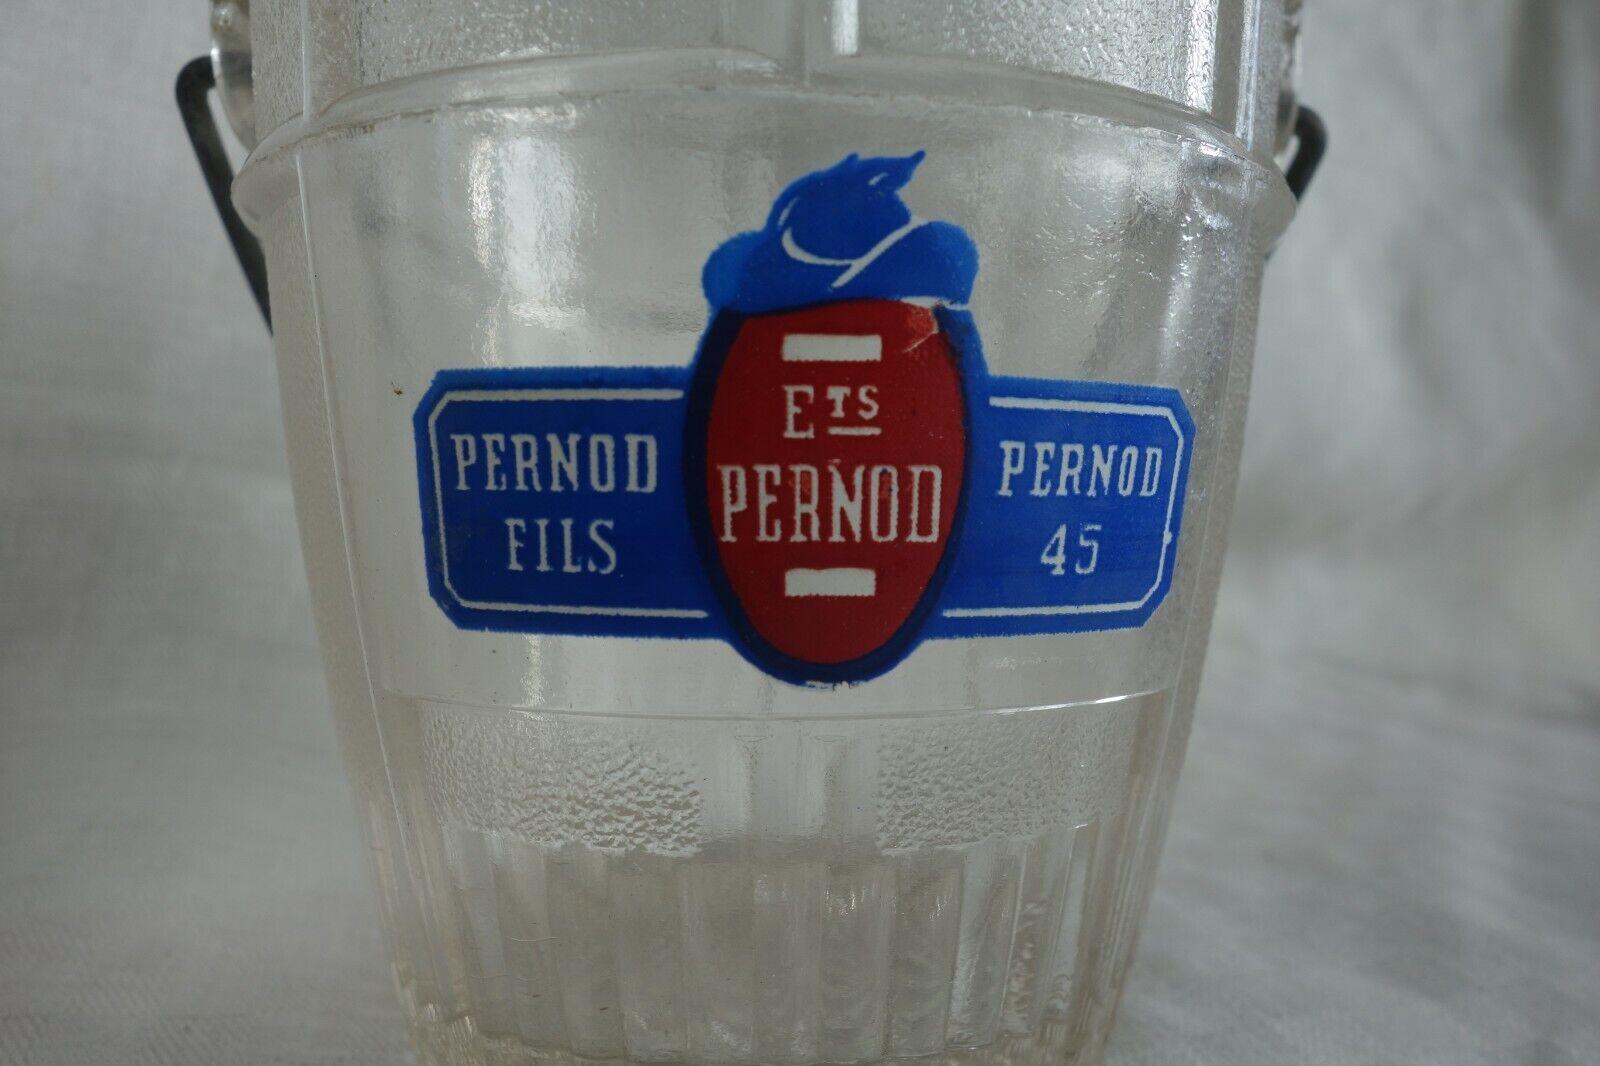 Seau à glaçons pernod fils en verre